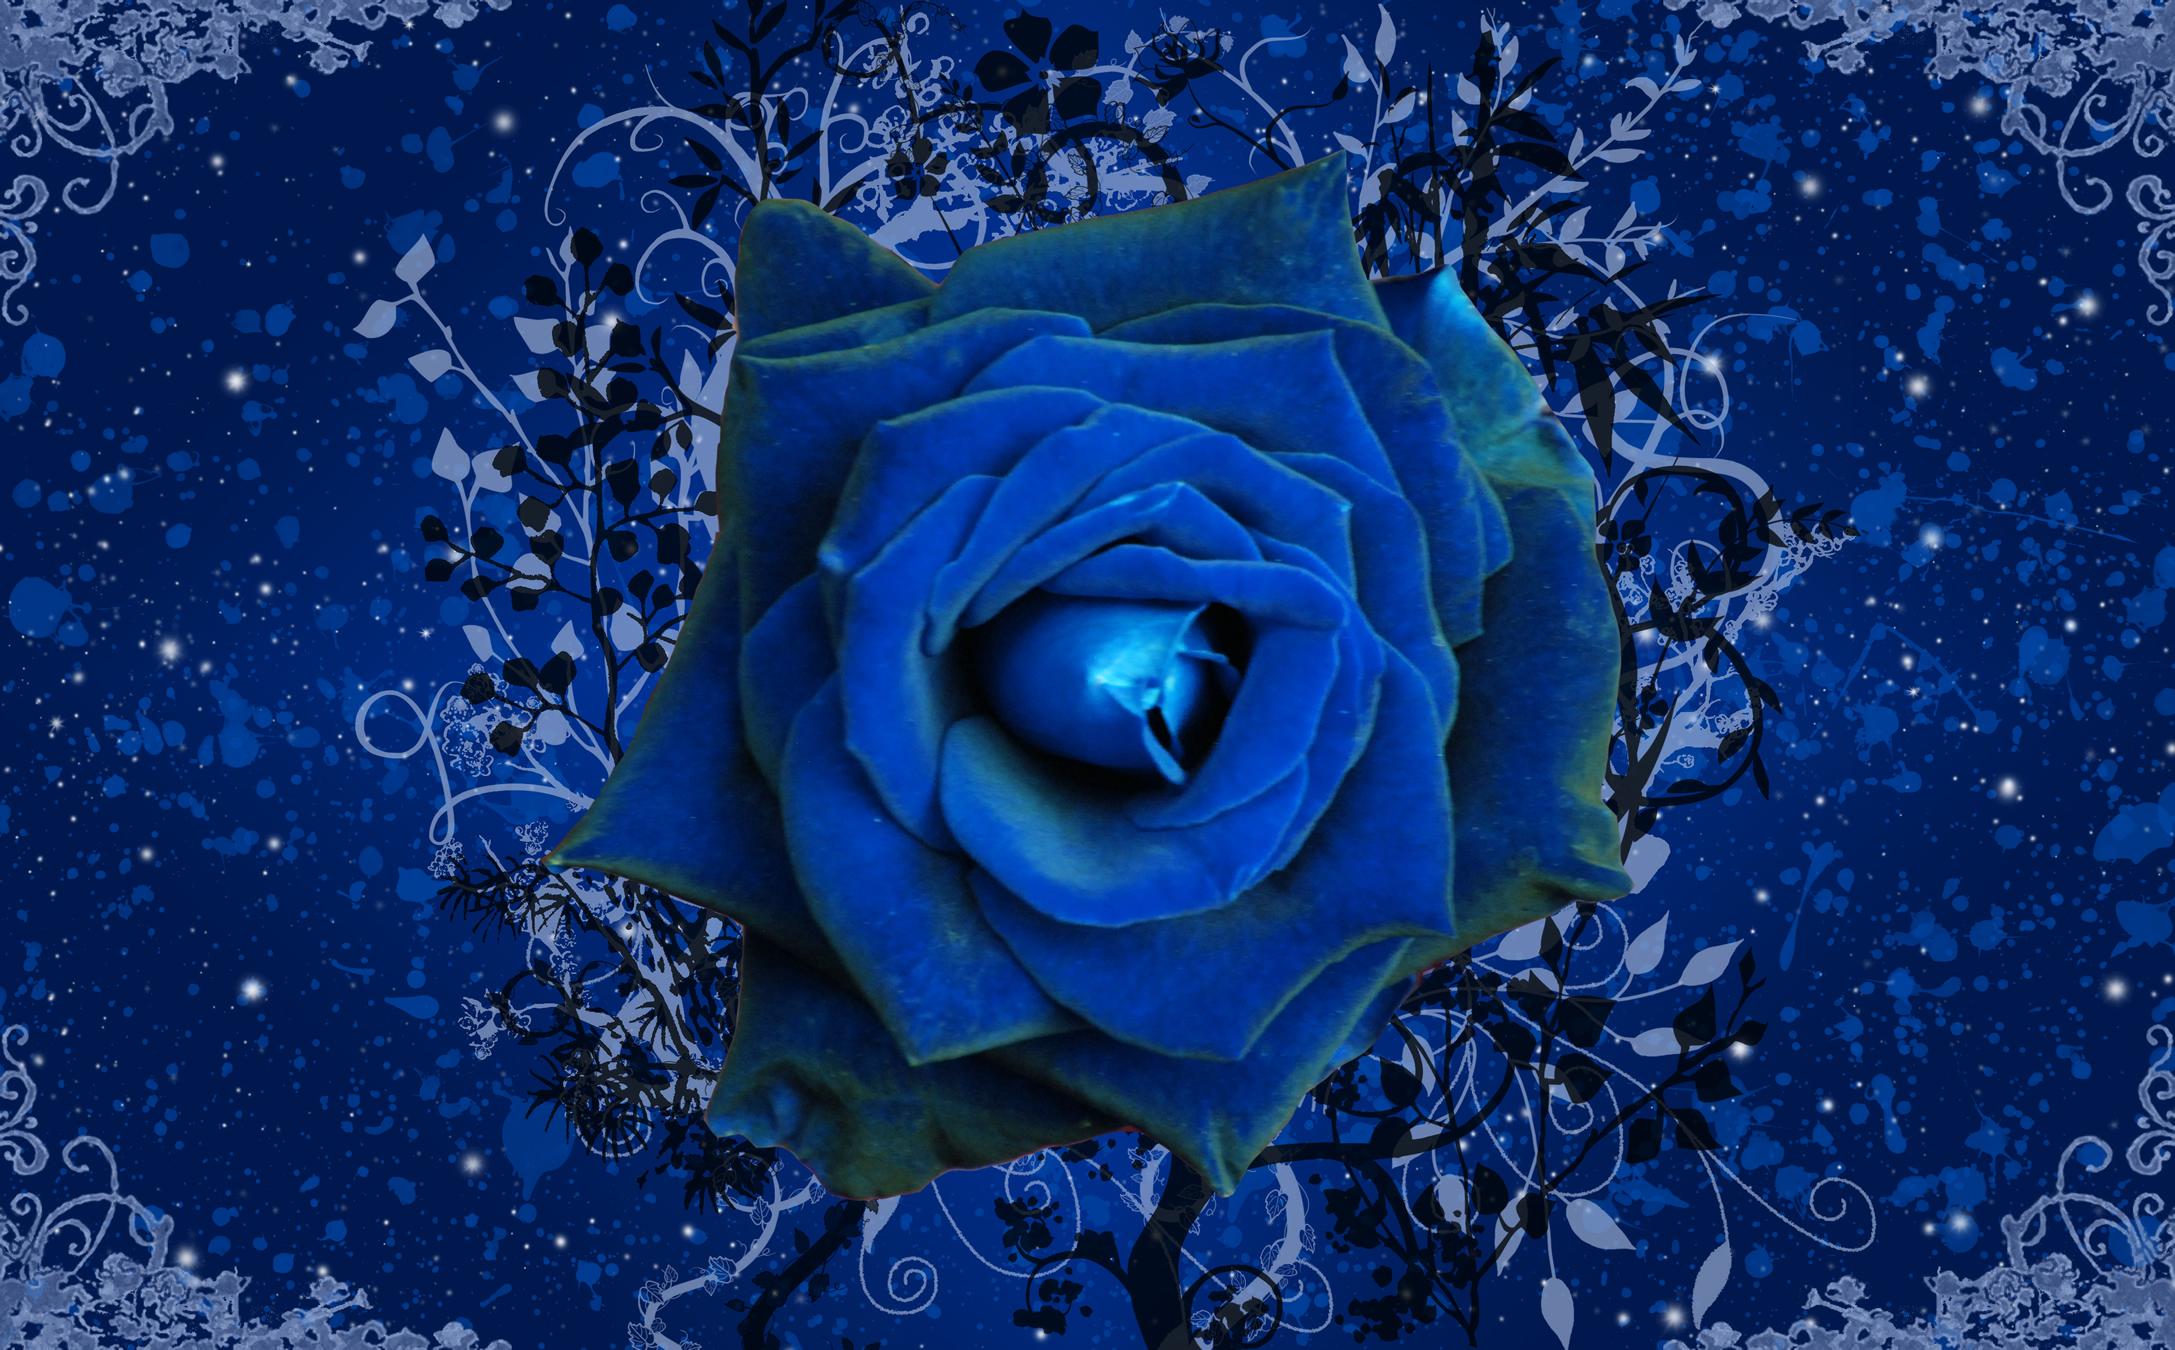 Картинки синие платья - 1d7